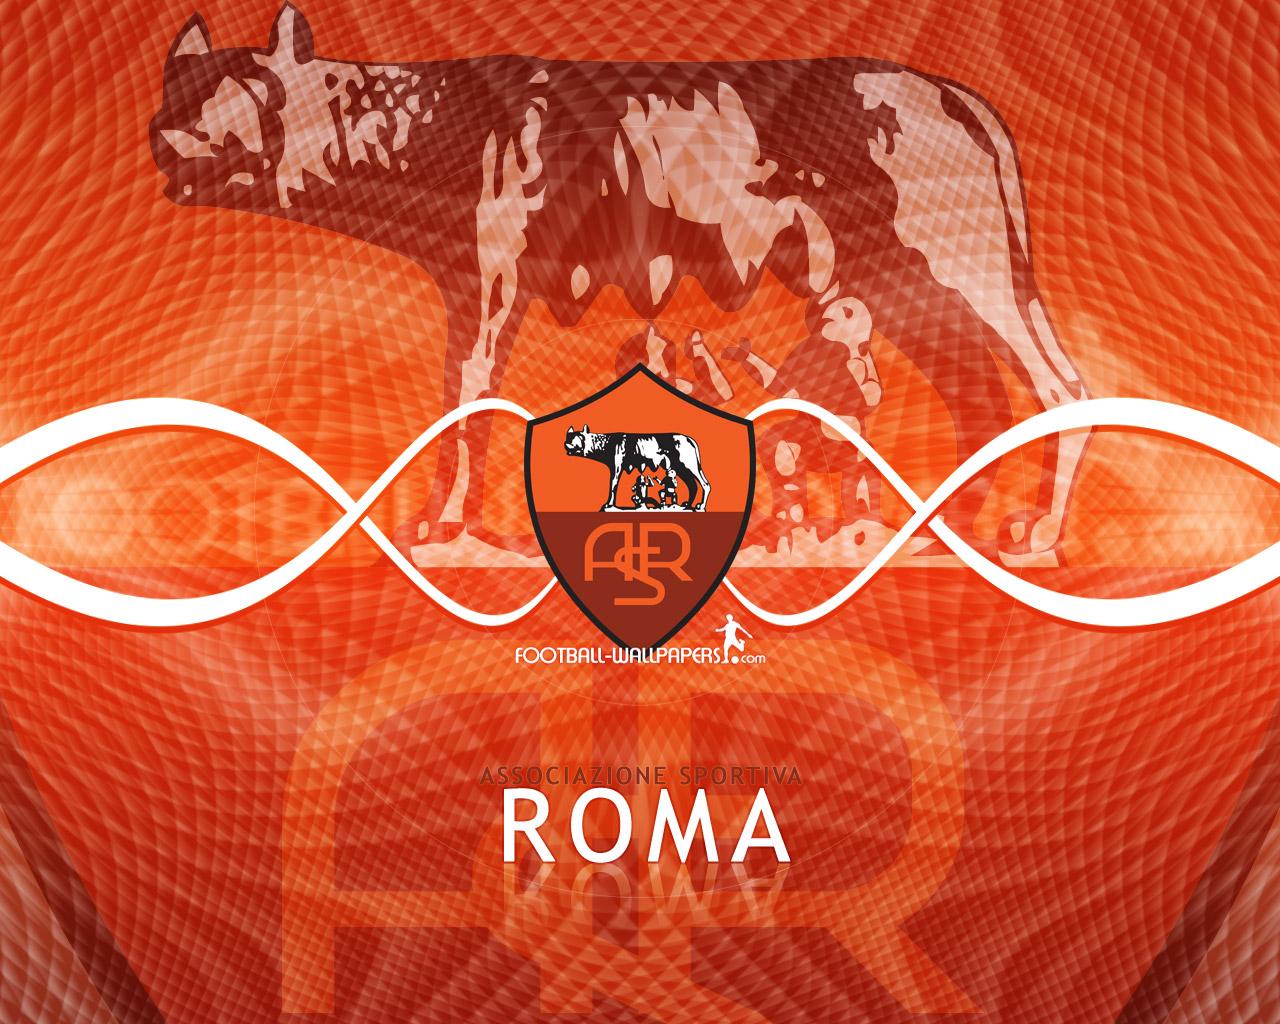 squadra calcio portuense rome - photo#11